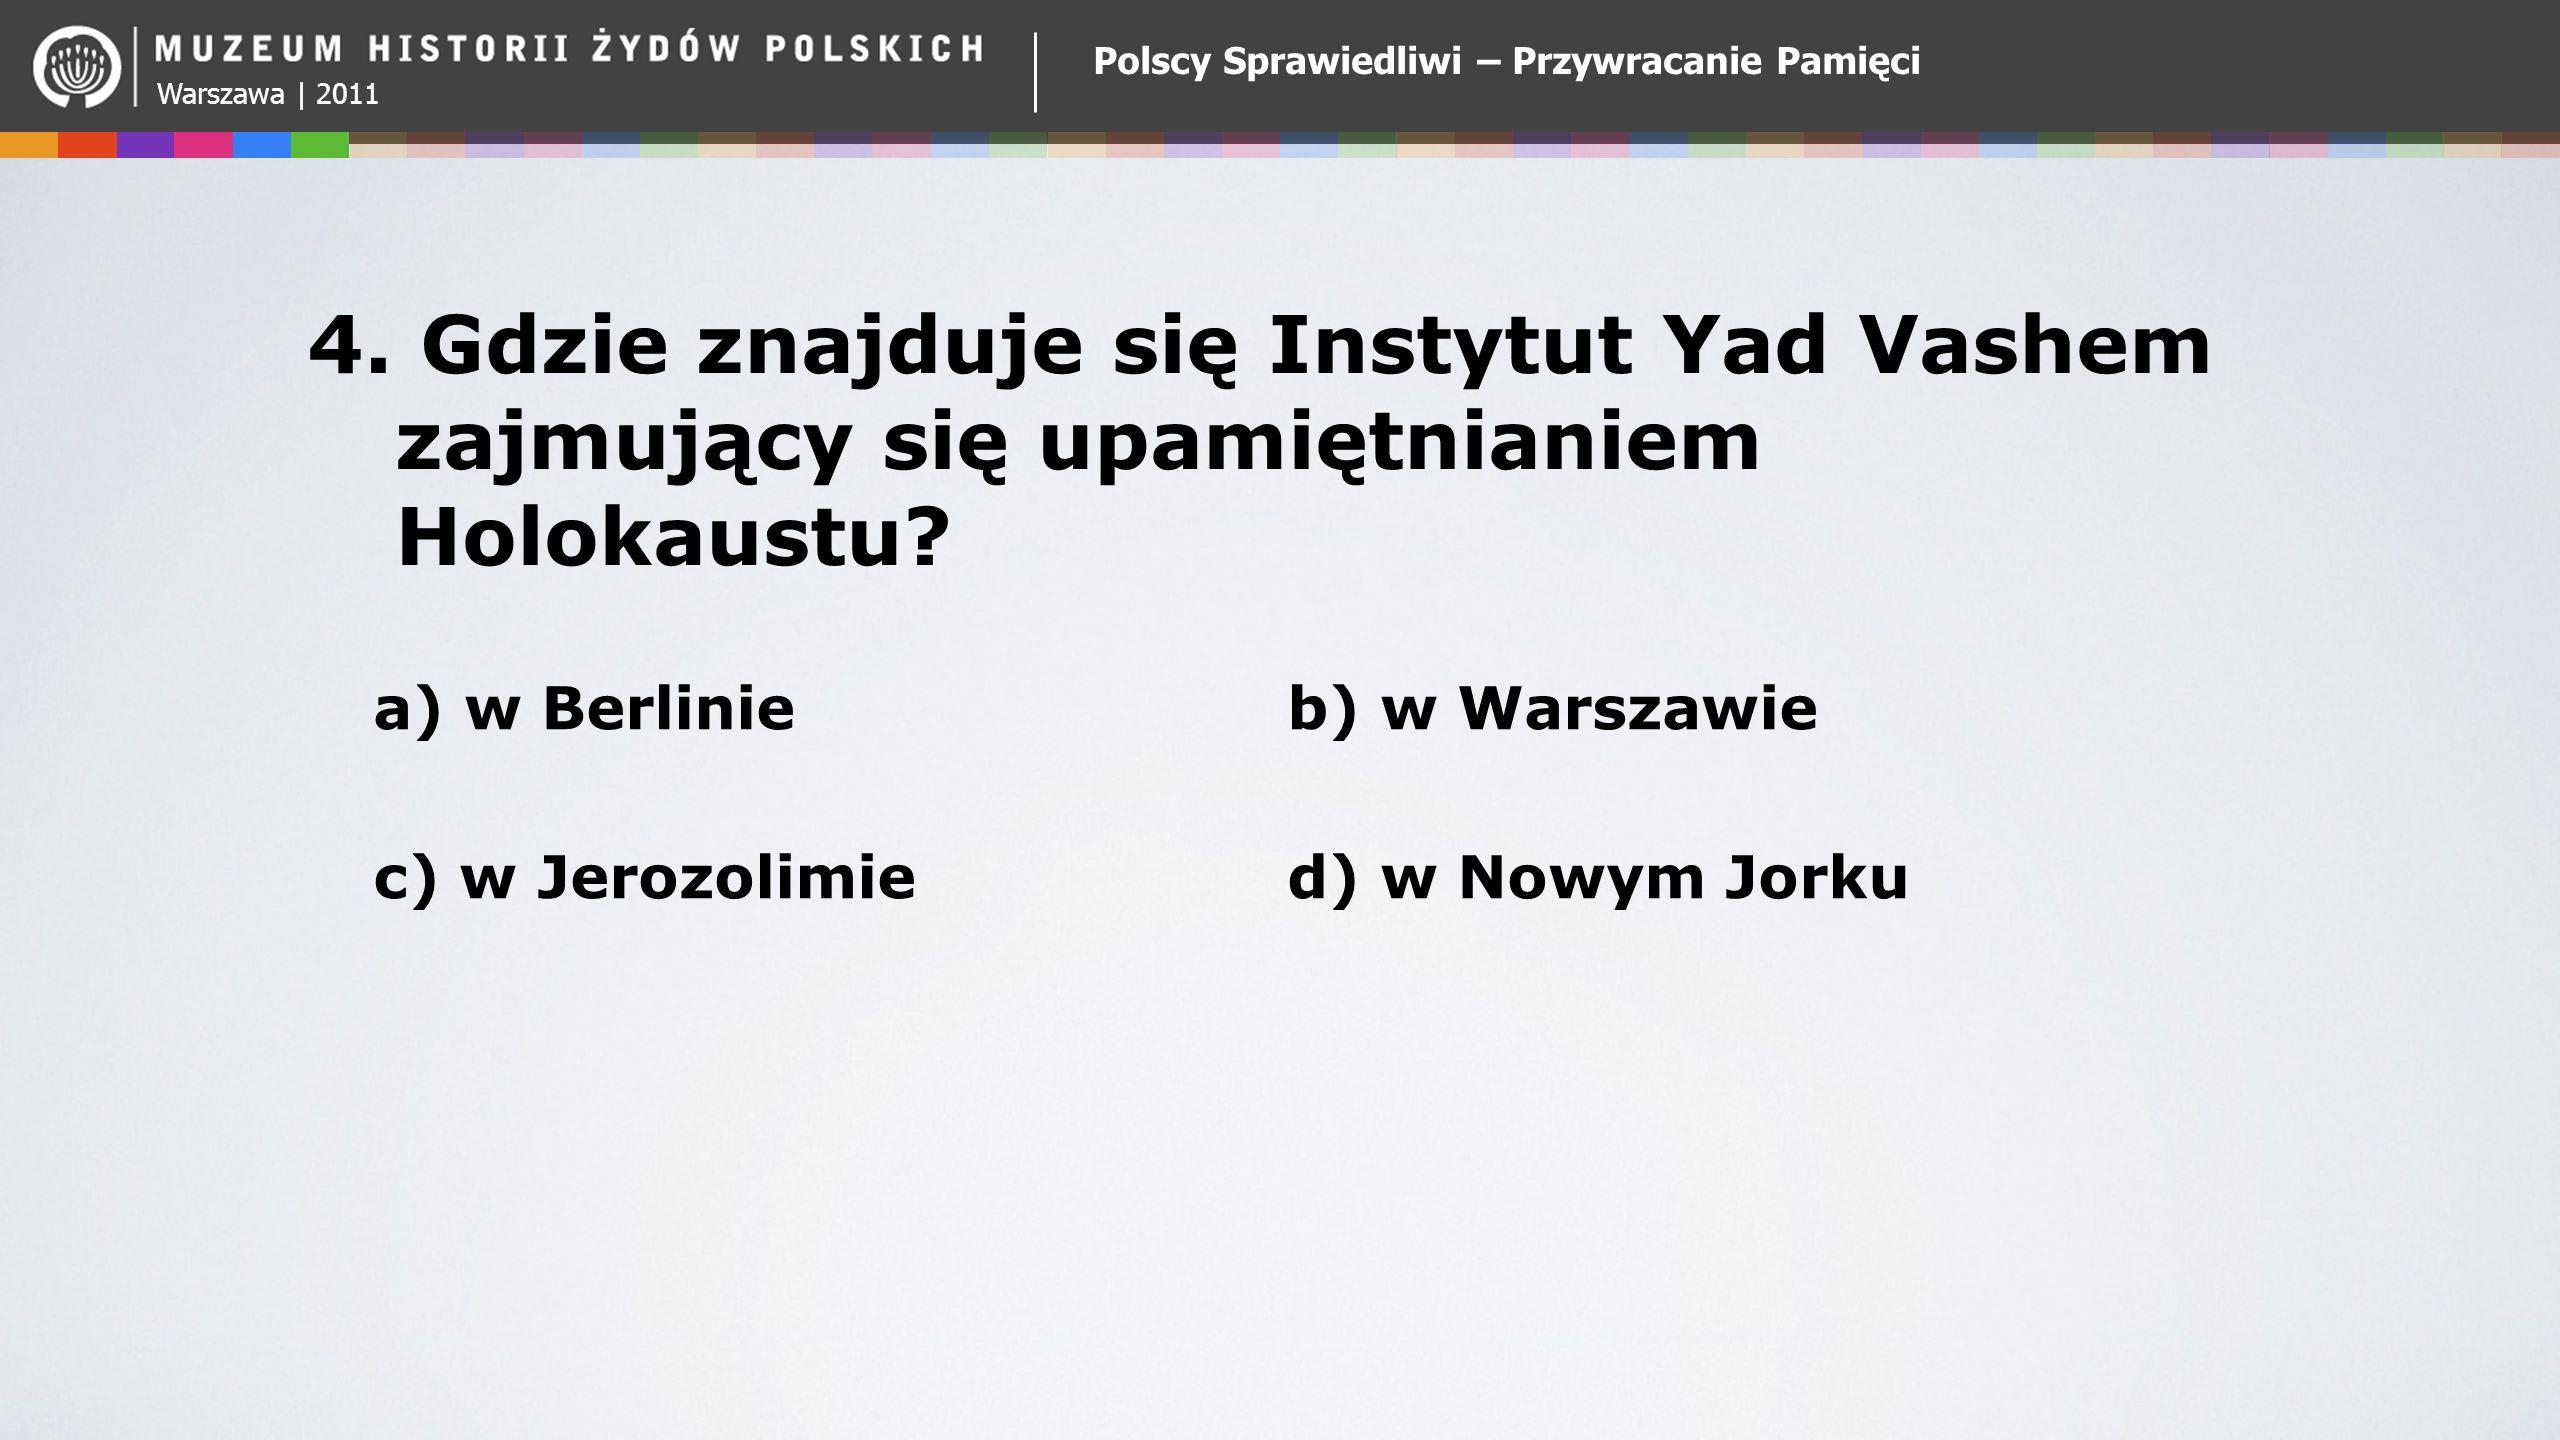 Polscy Sprawiedliwi – Przywracanie pamięci Yad Vashem Instytut powołany do życia przez izraelski parlament w 1953 roku, znajduje się w Jerozolimie.